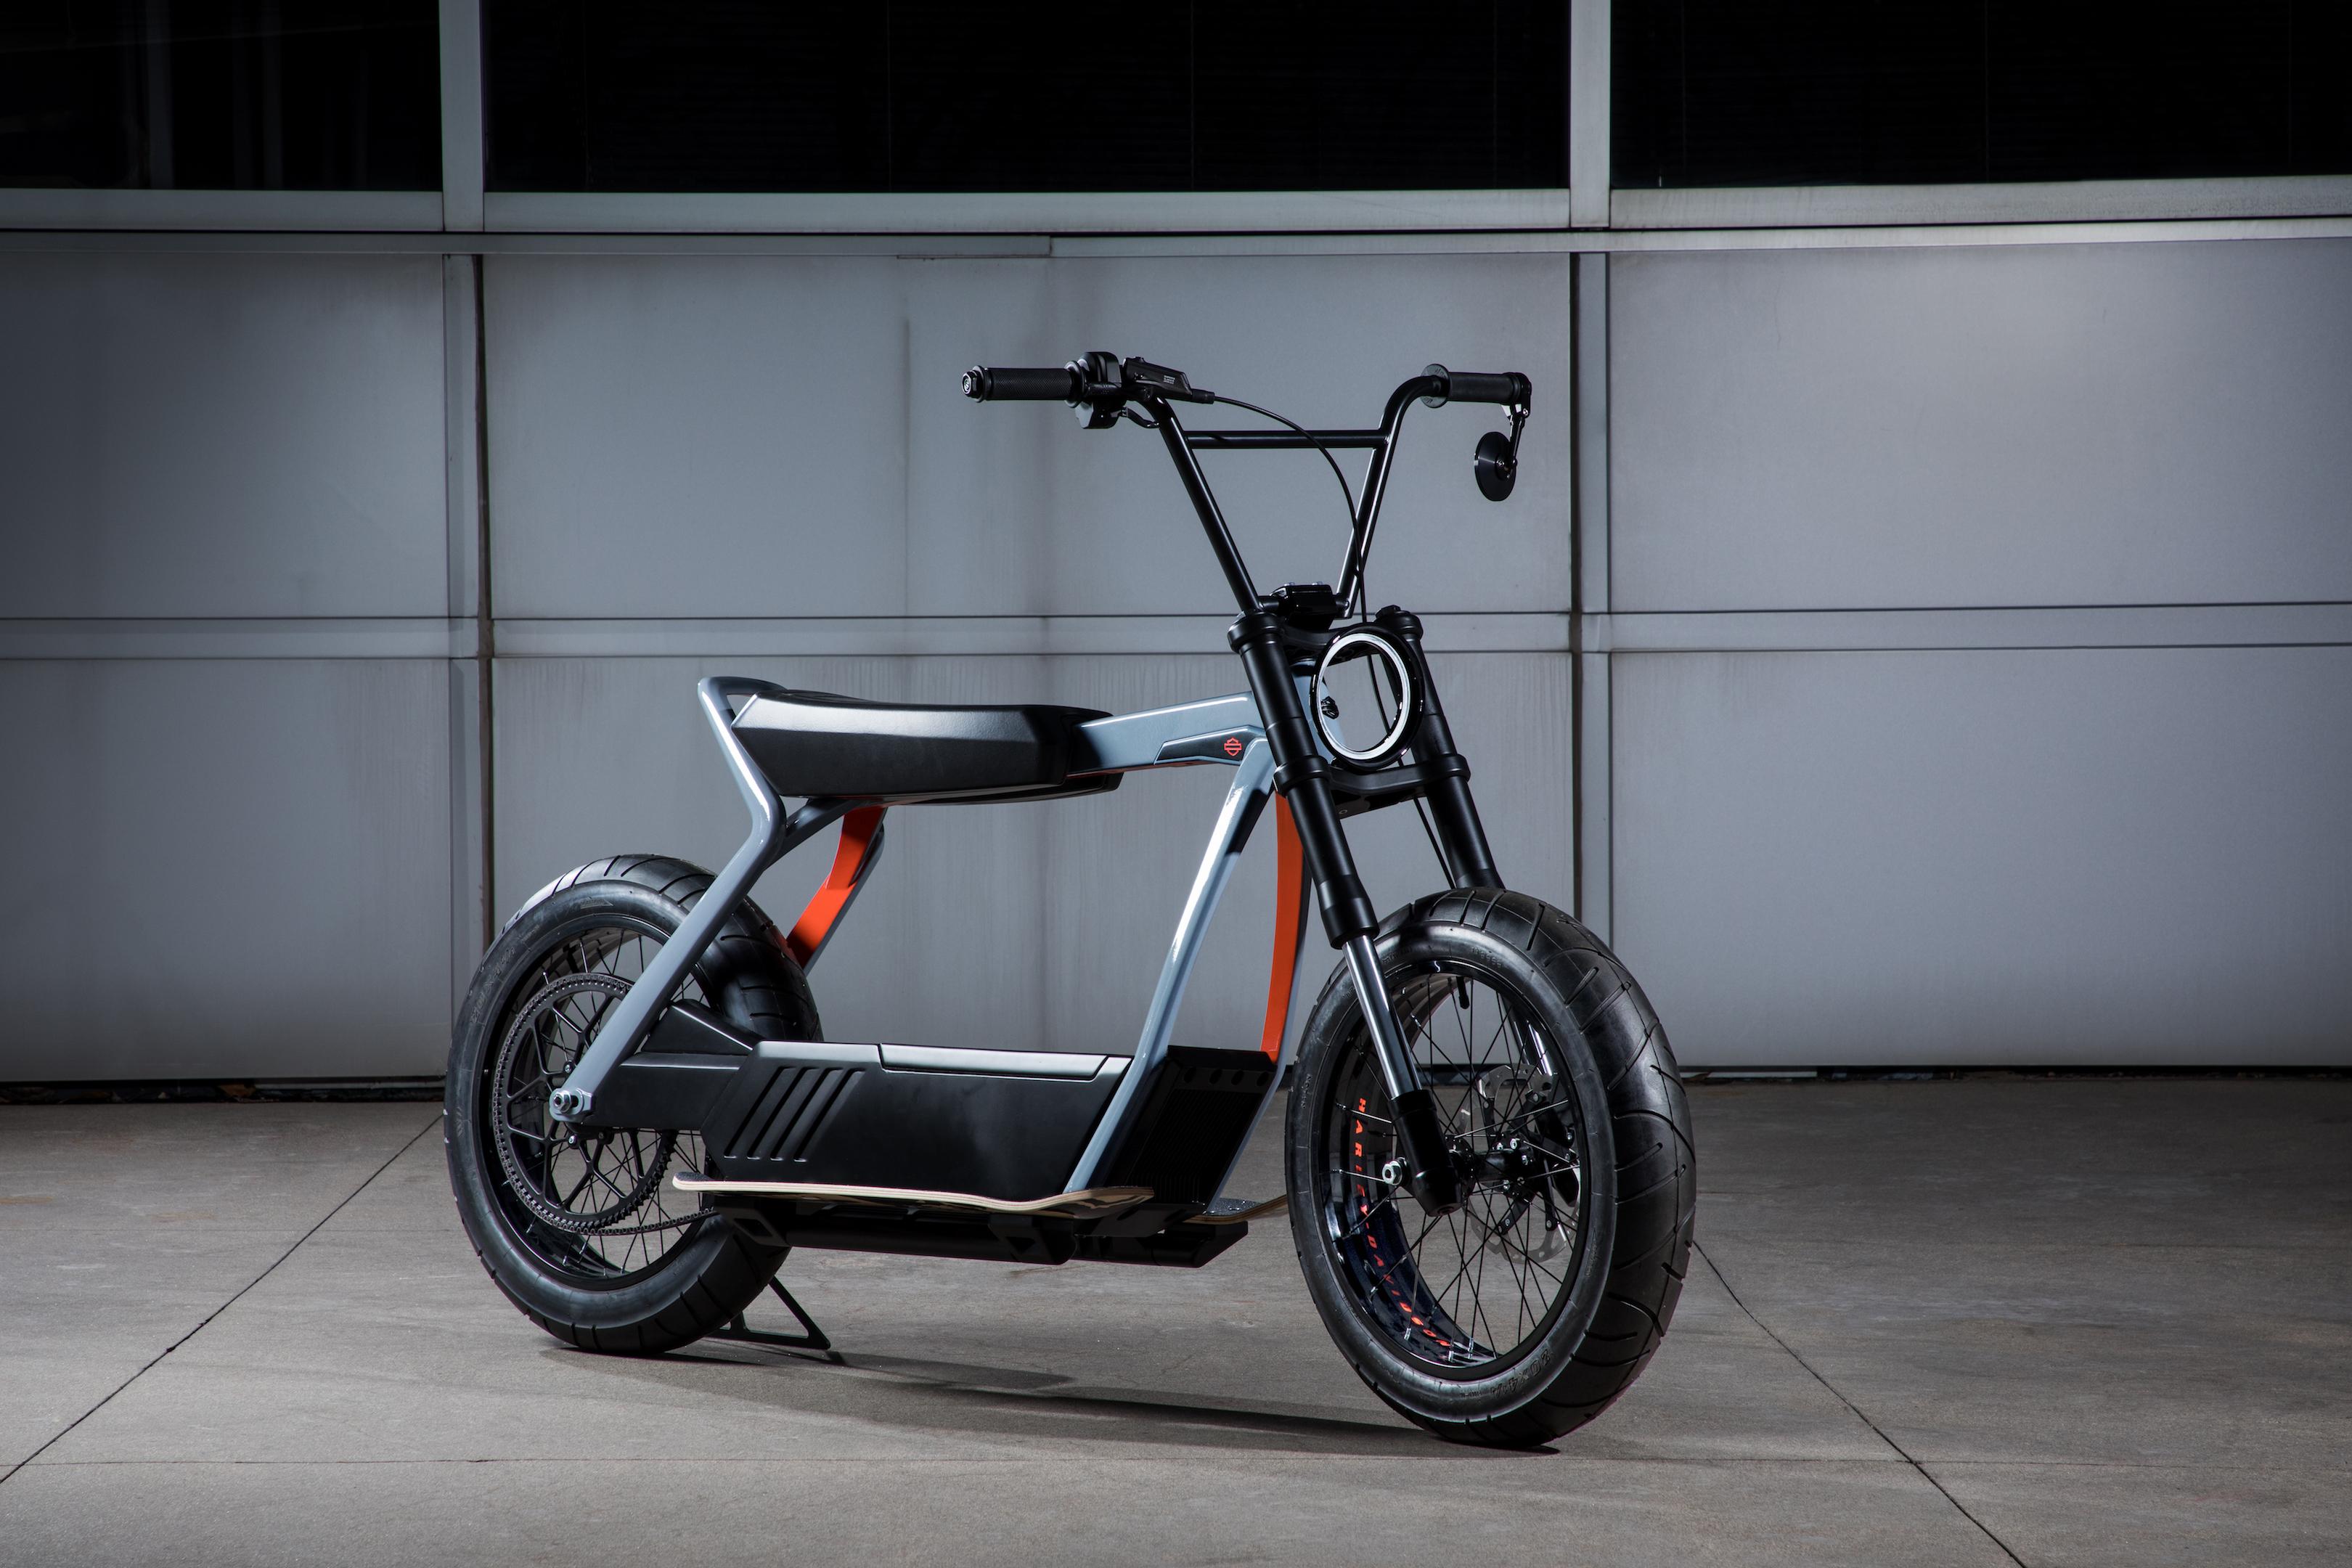 harley-davidson scooter